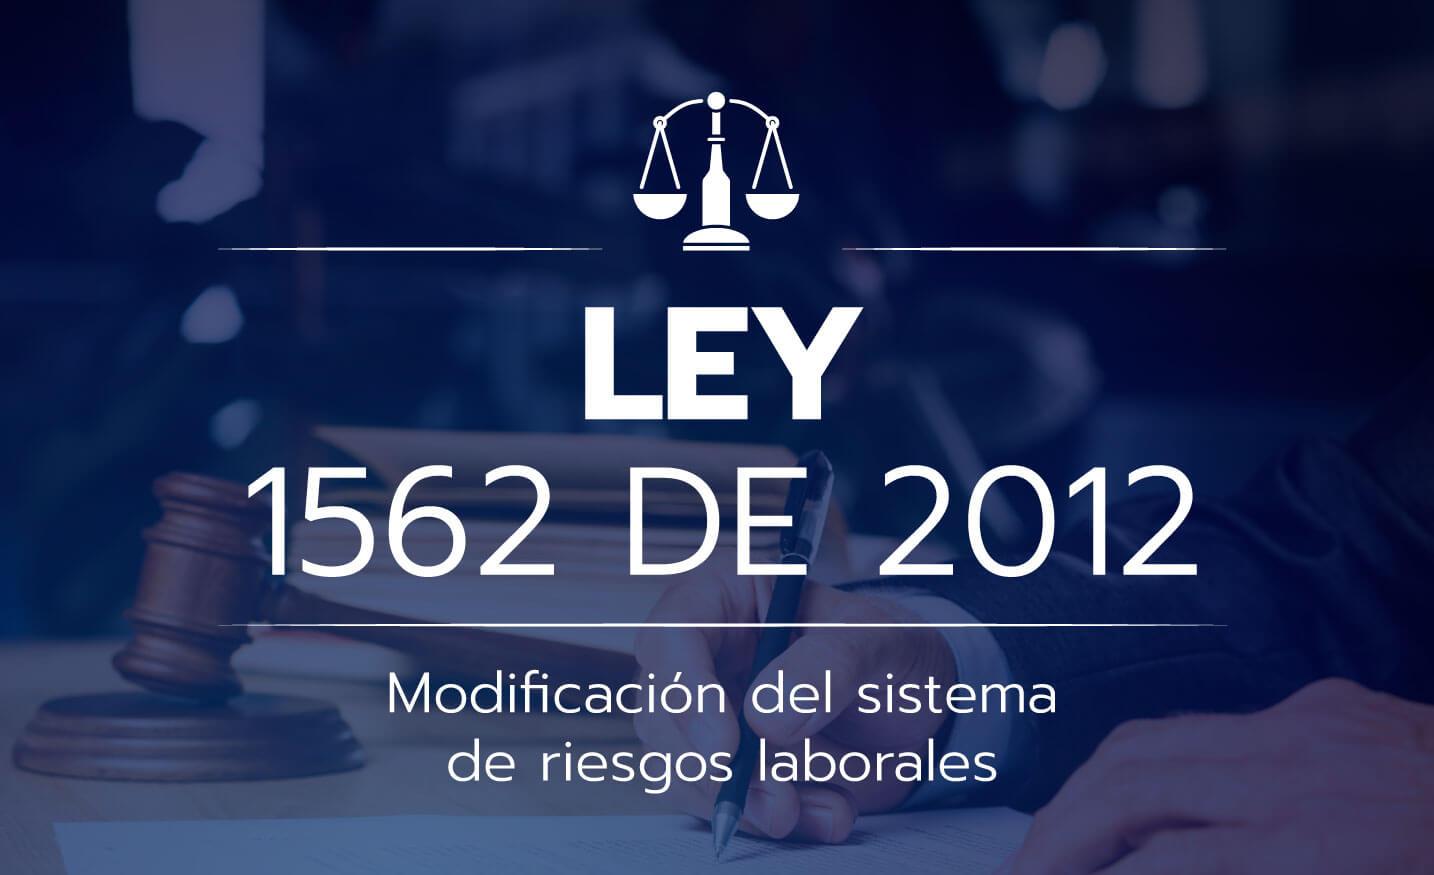 Ley 1562 De 2012 Afiliacion Al Sistema De Riesgos Laborales